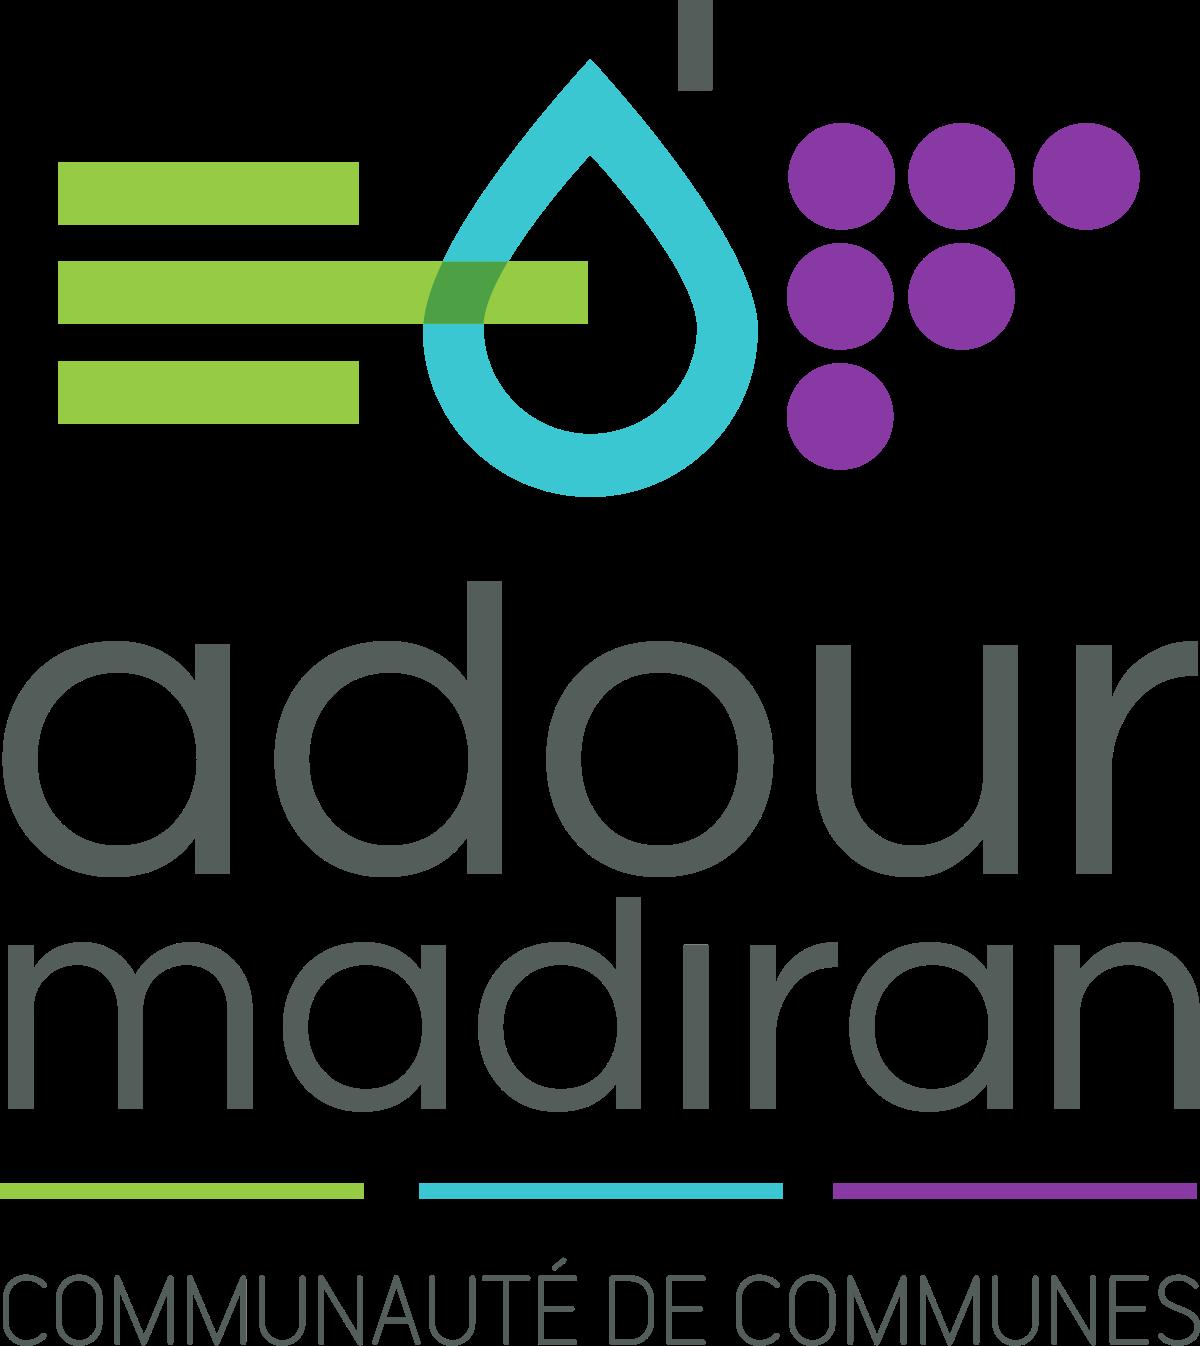 communauté de communes Adour-Madiran